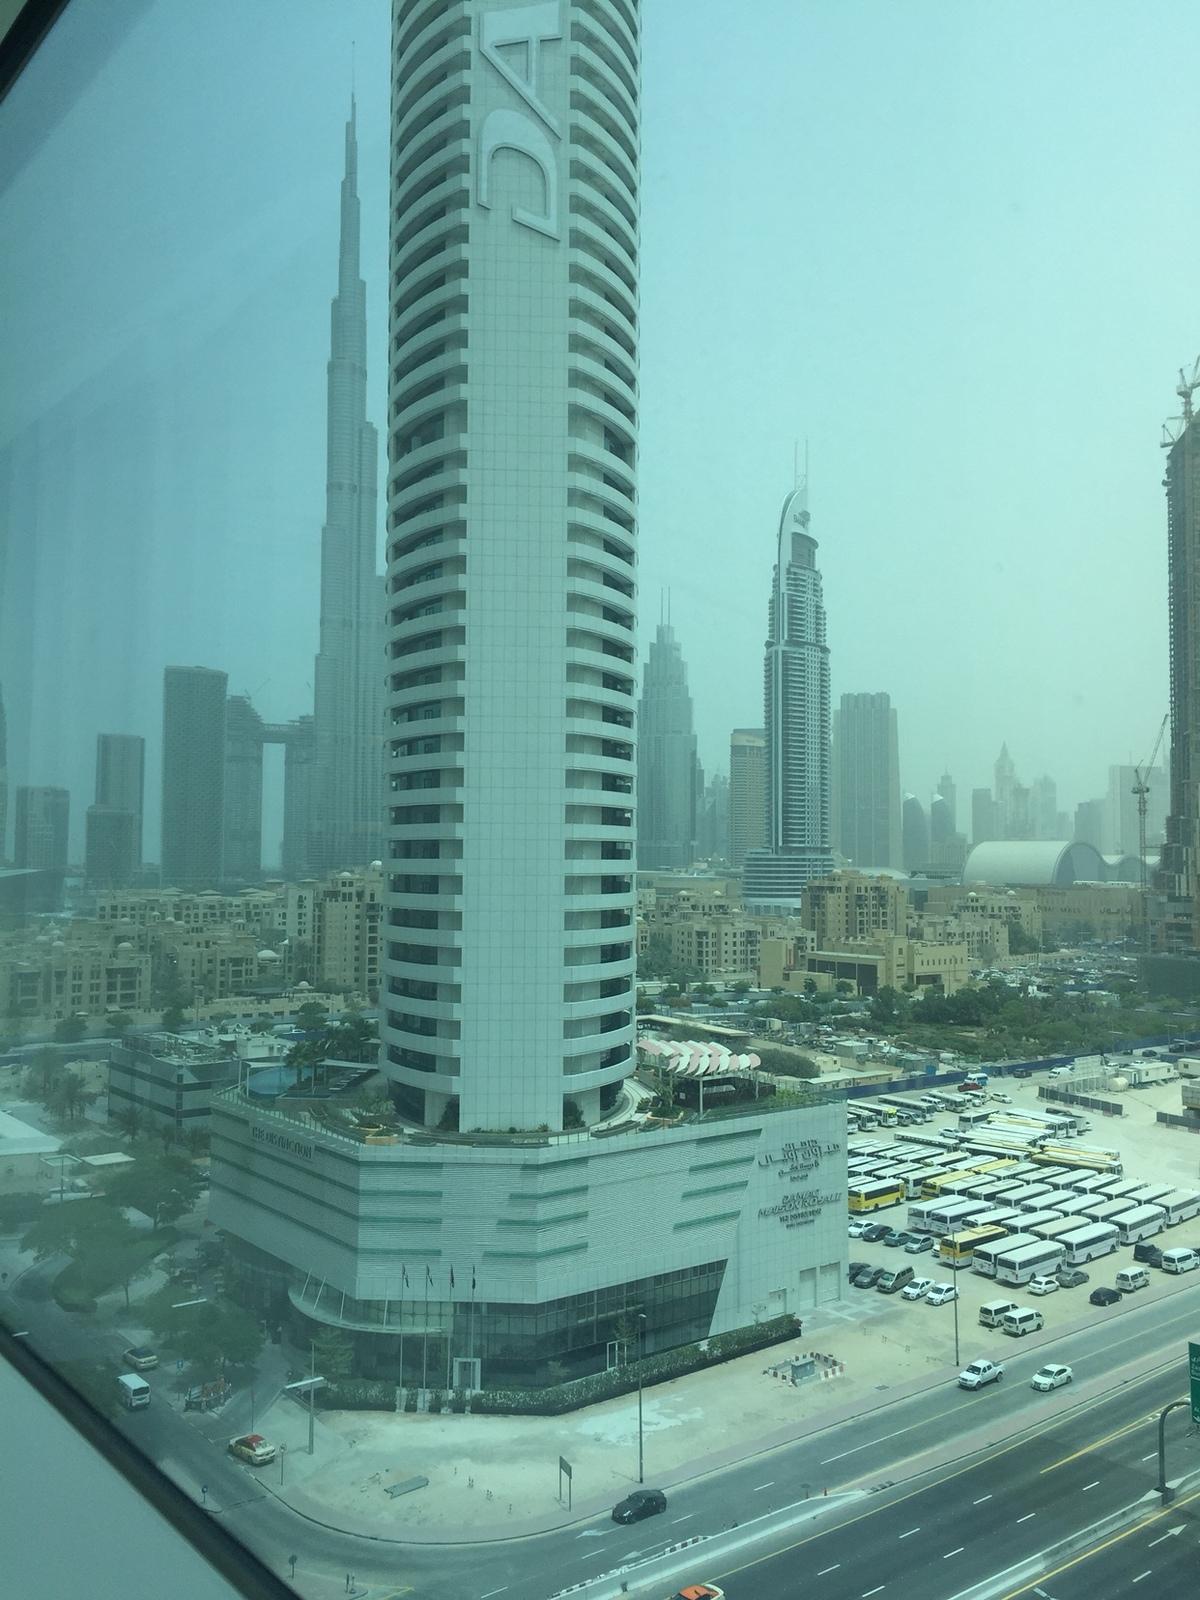 661594 المسافرون العرب دبي مدينة الجميرا